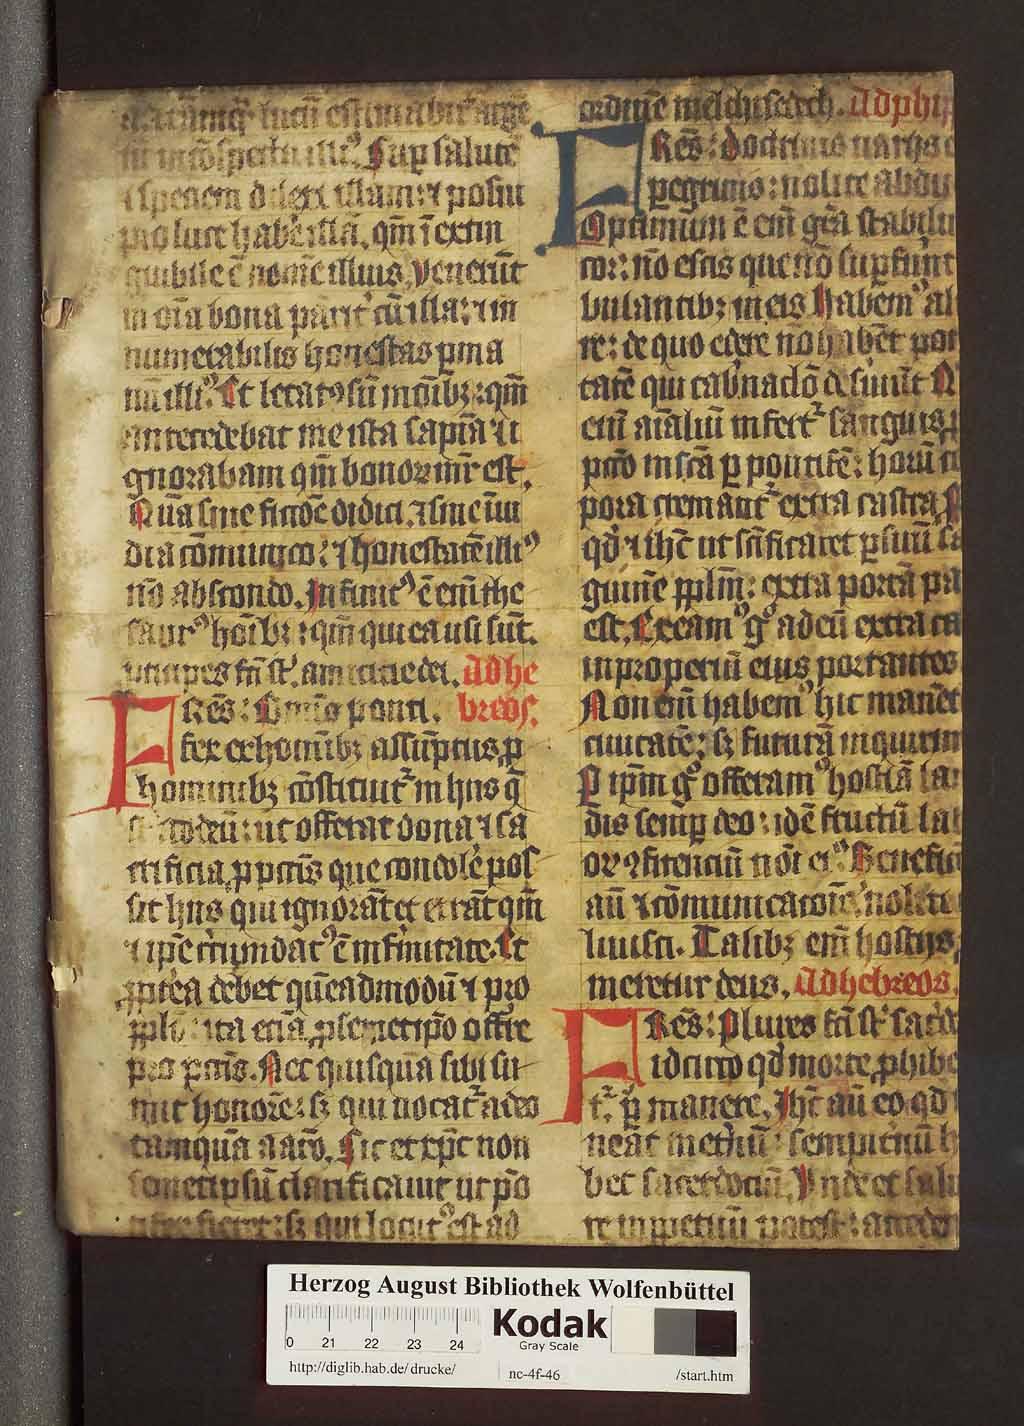 http://diglib.hab.de/drucke/nc-4f-46/00001.jpg